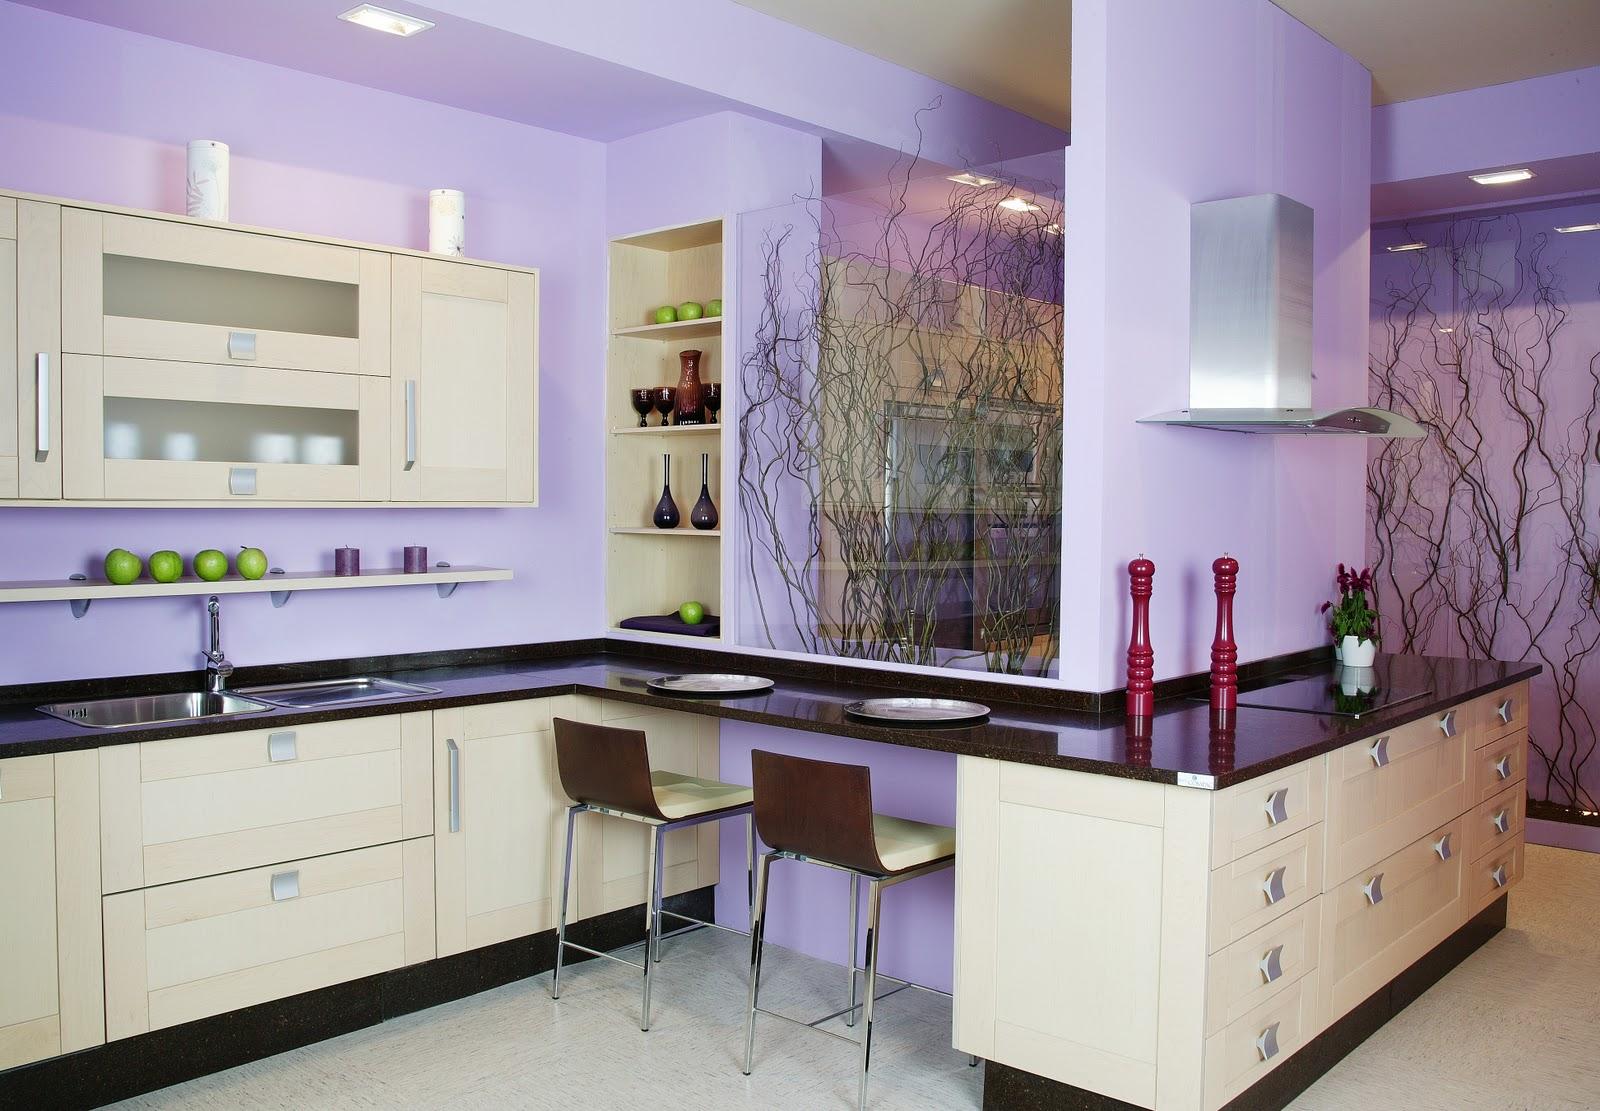 Dise a tu cocina como tener una cocina mas comoda for Disena tu cocina gratis